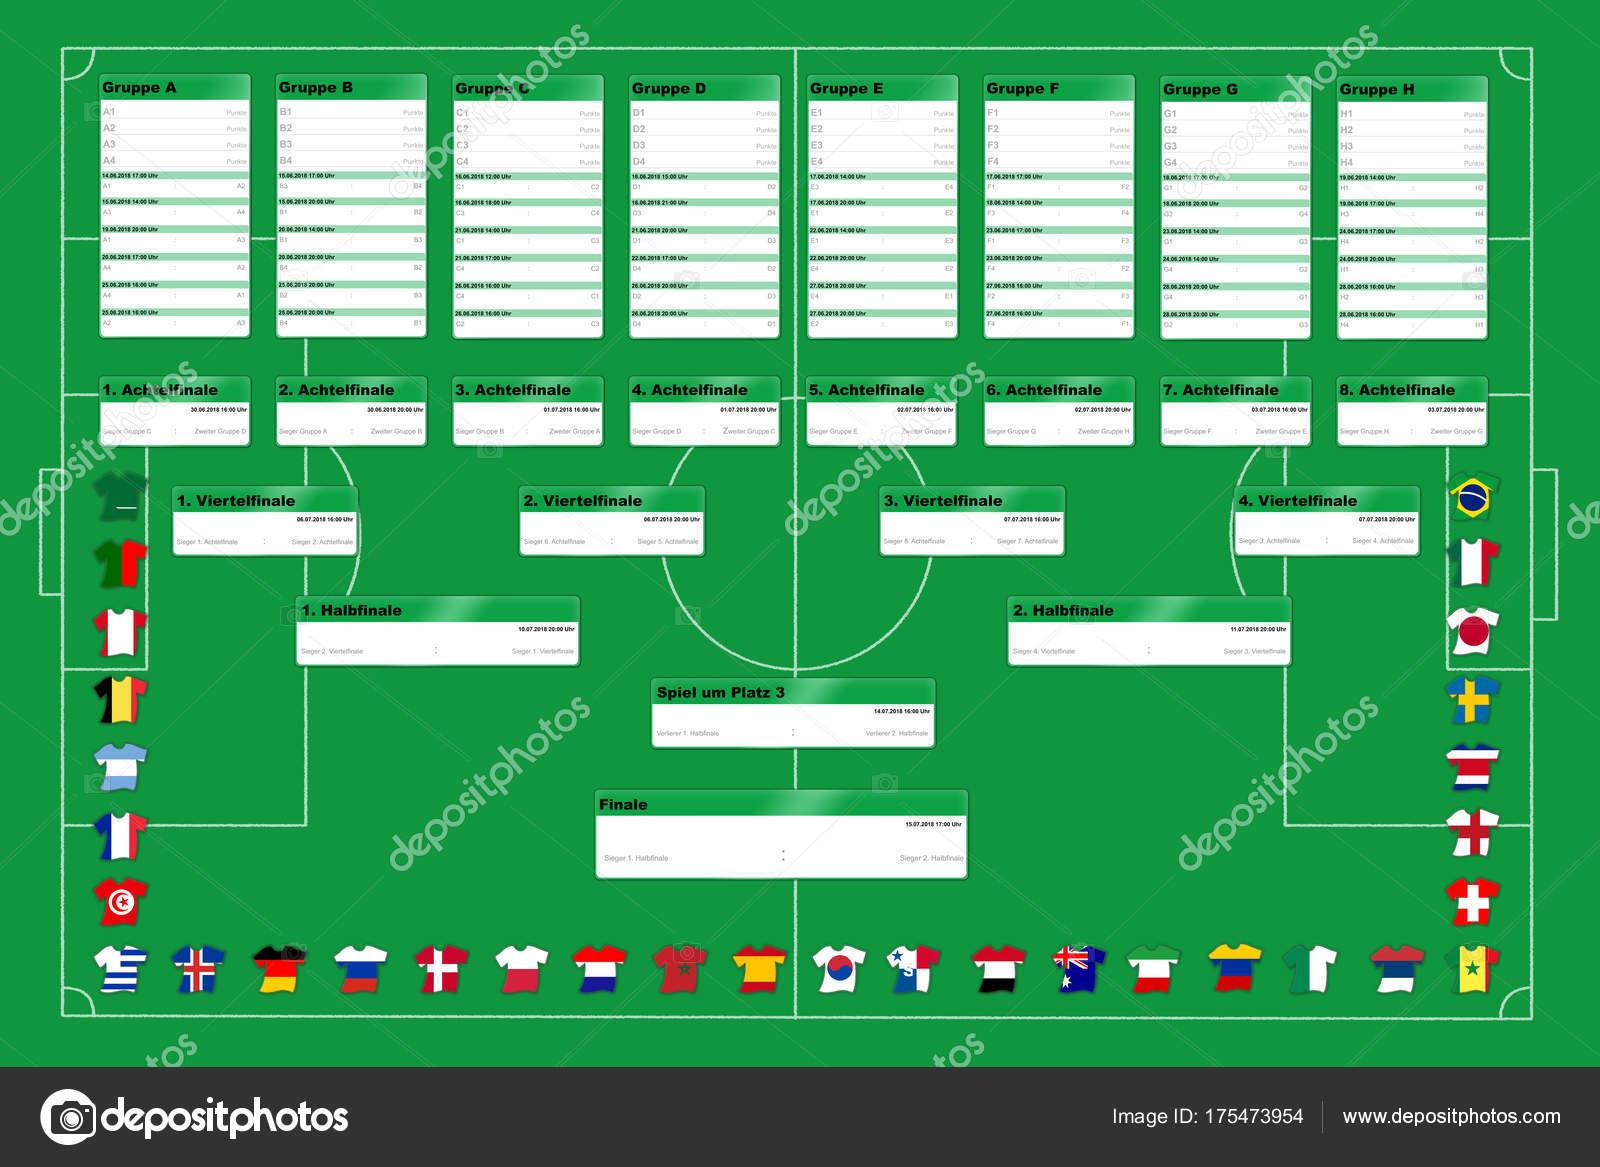 Текст про футбол на немецком языке